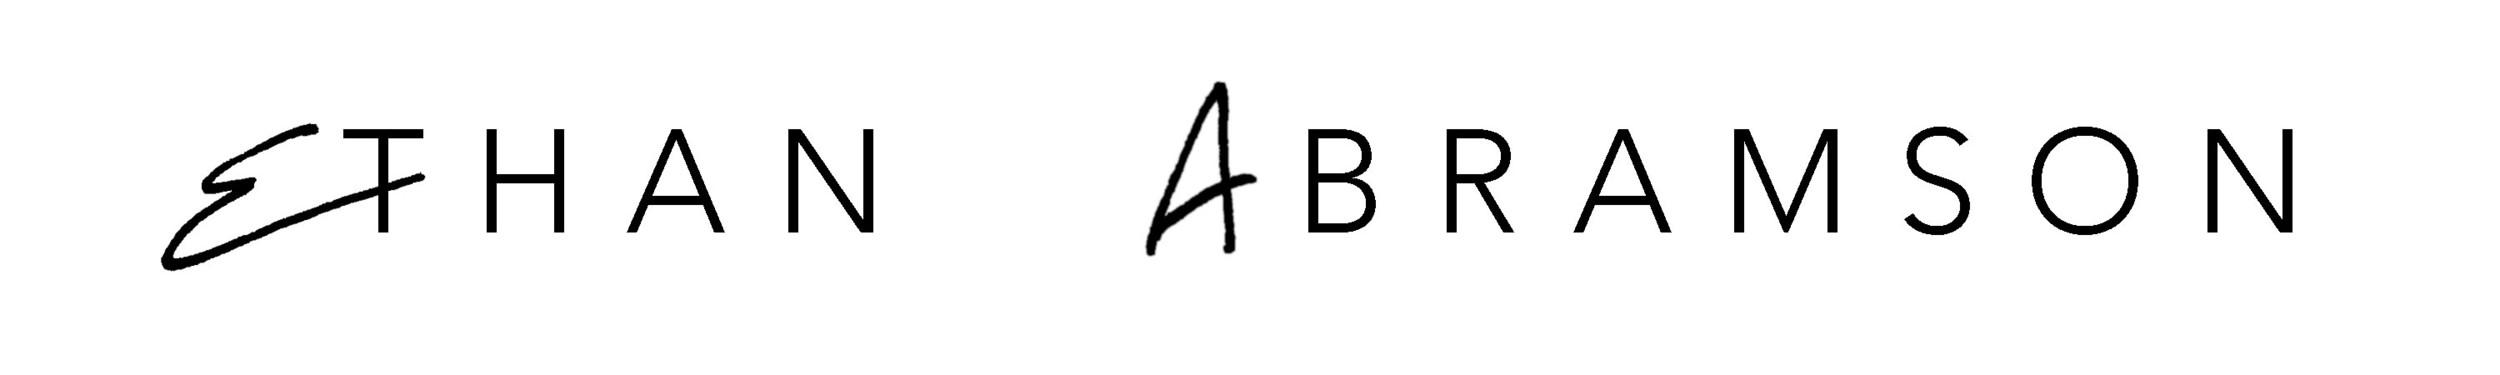 EA_Logo_FINAL.jpg